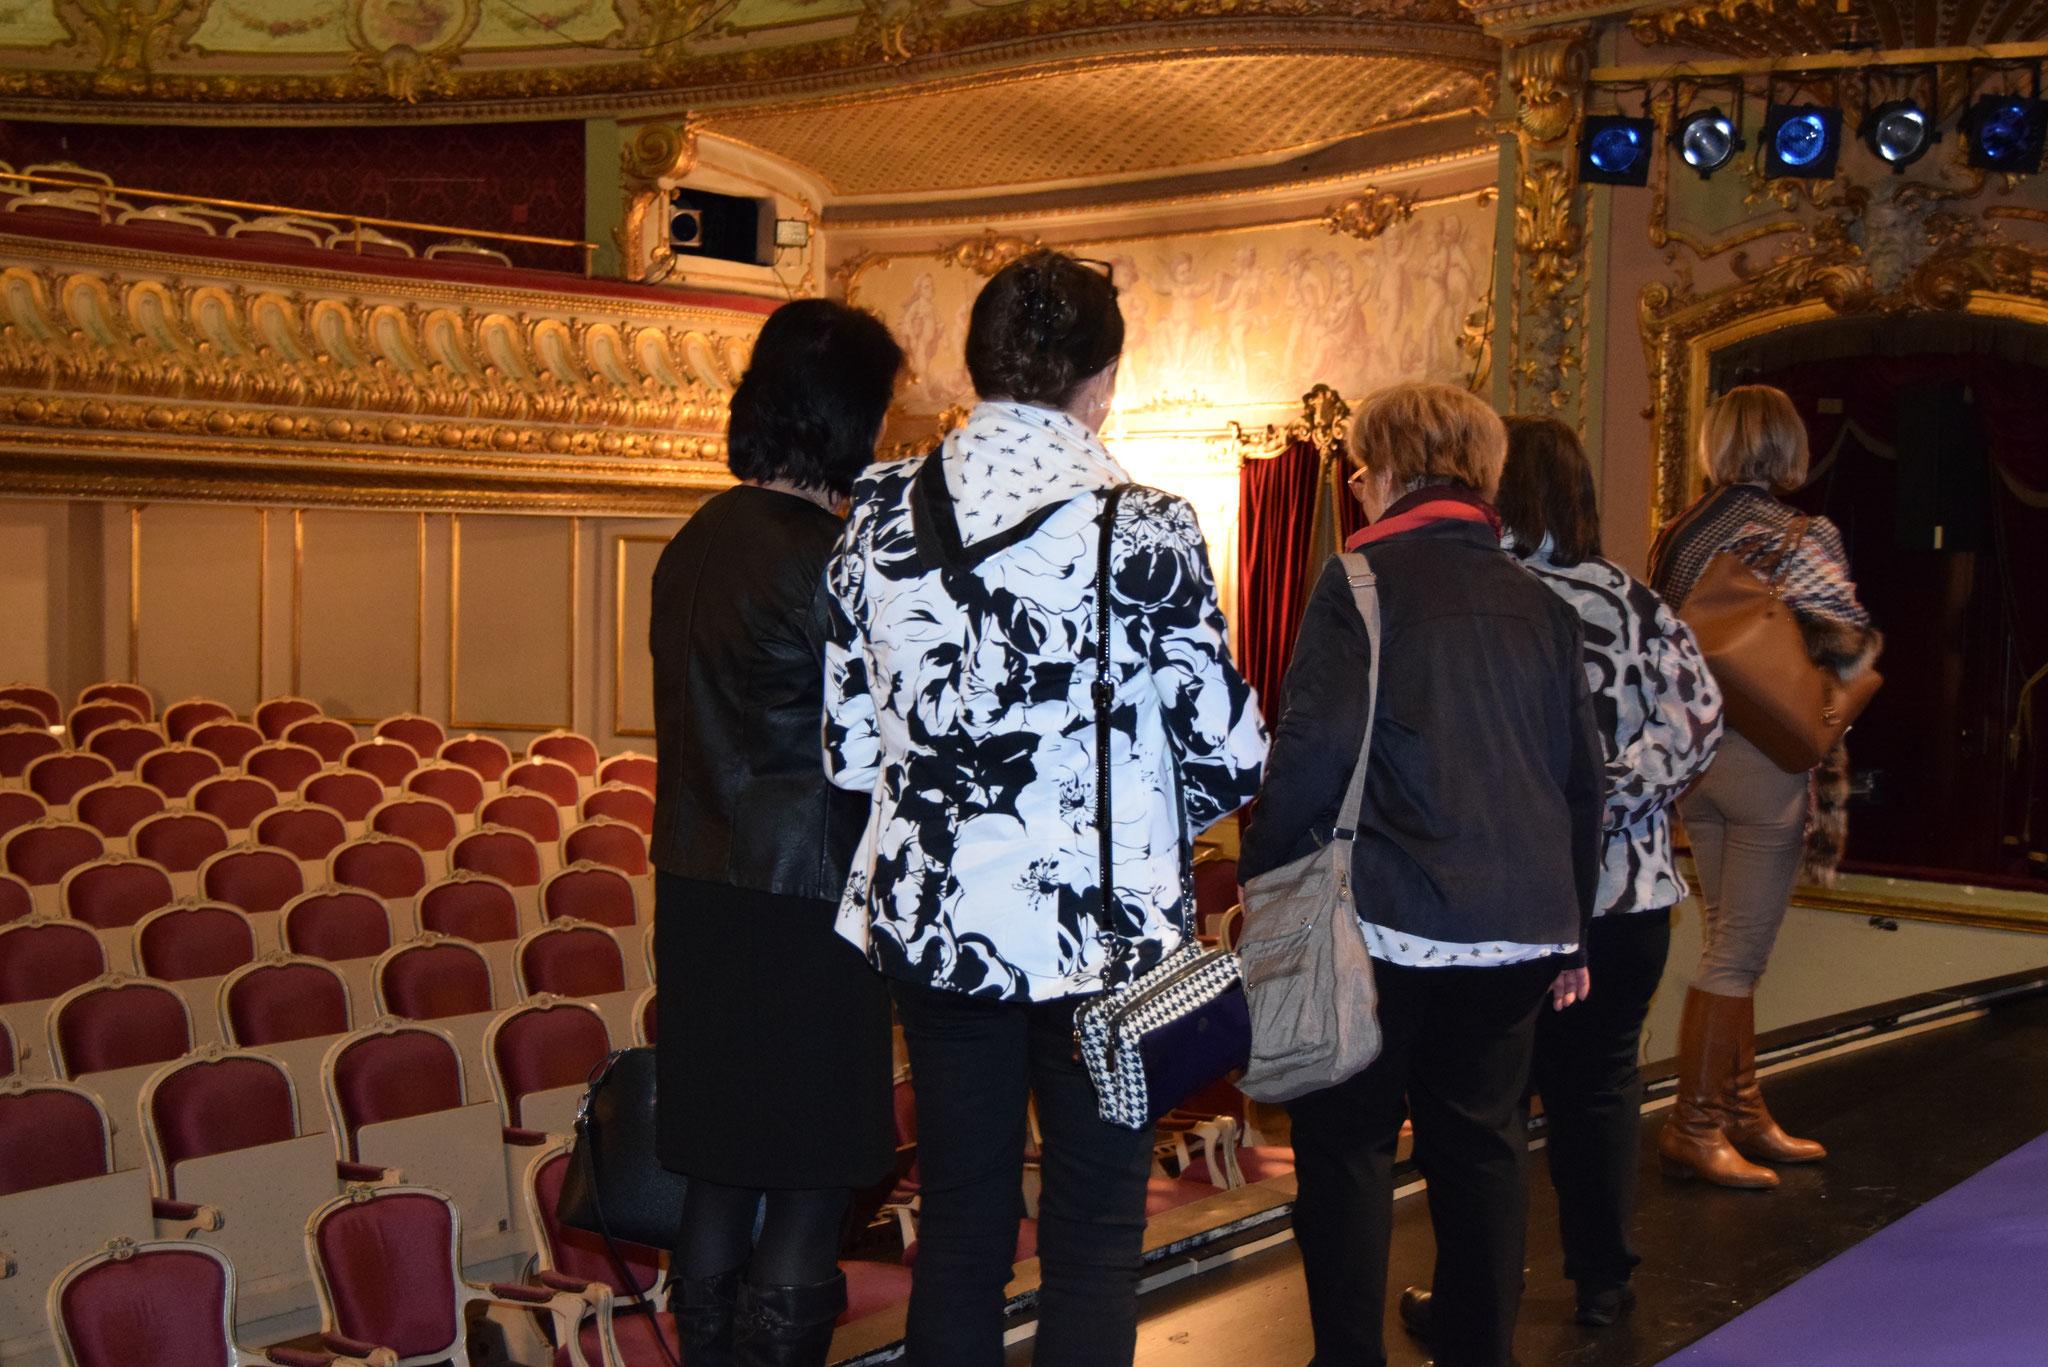 12-17 unsere Besuchergruppe auf der Bühne